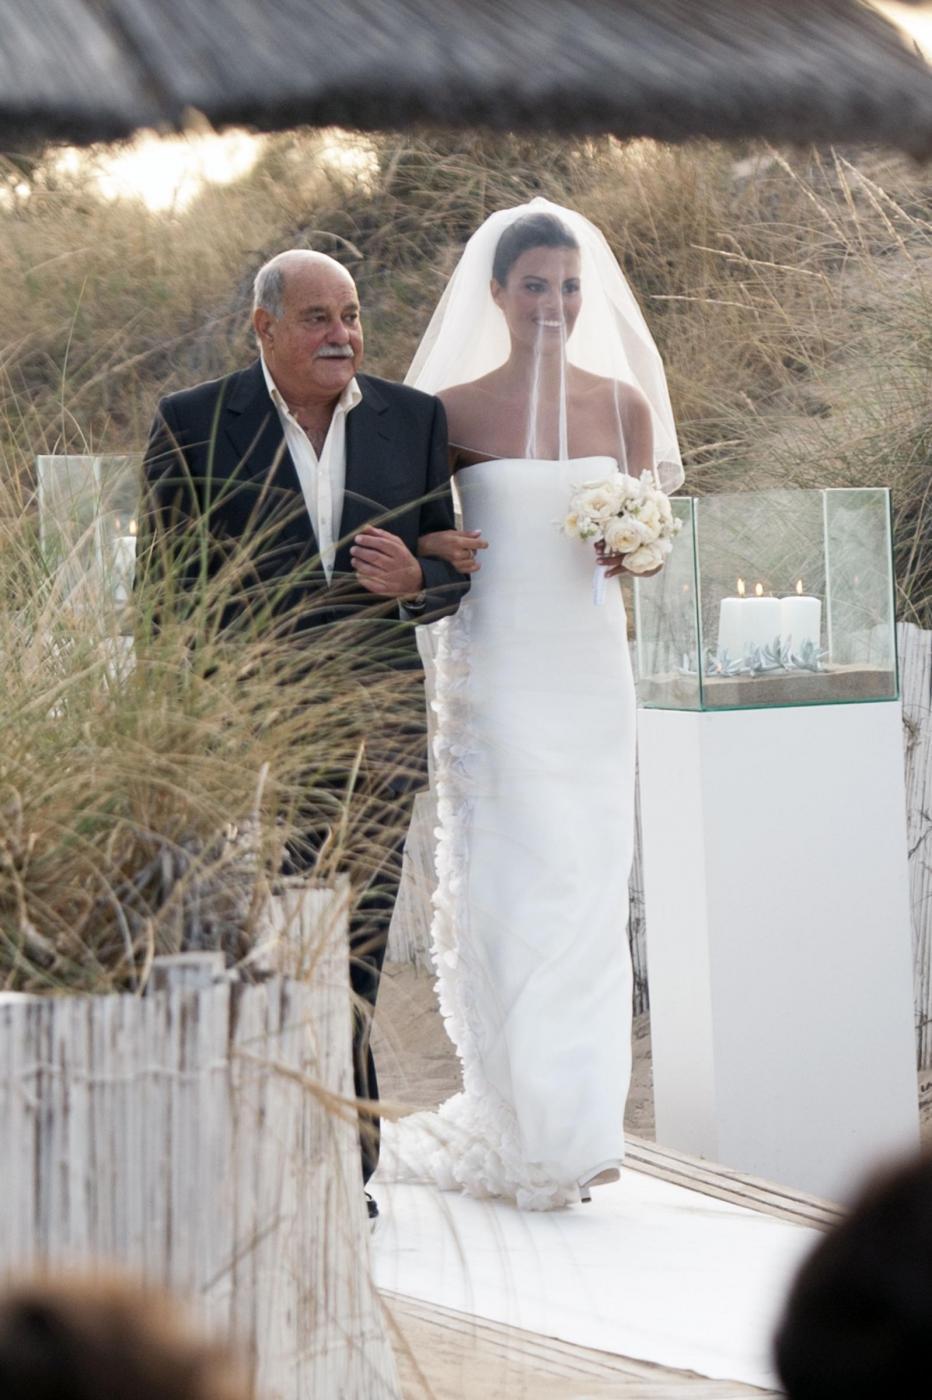 bianca guaccero età altezza peso marito figlia fidanzato compagno